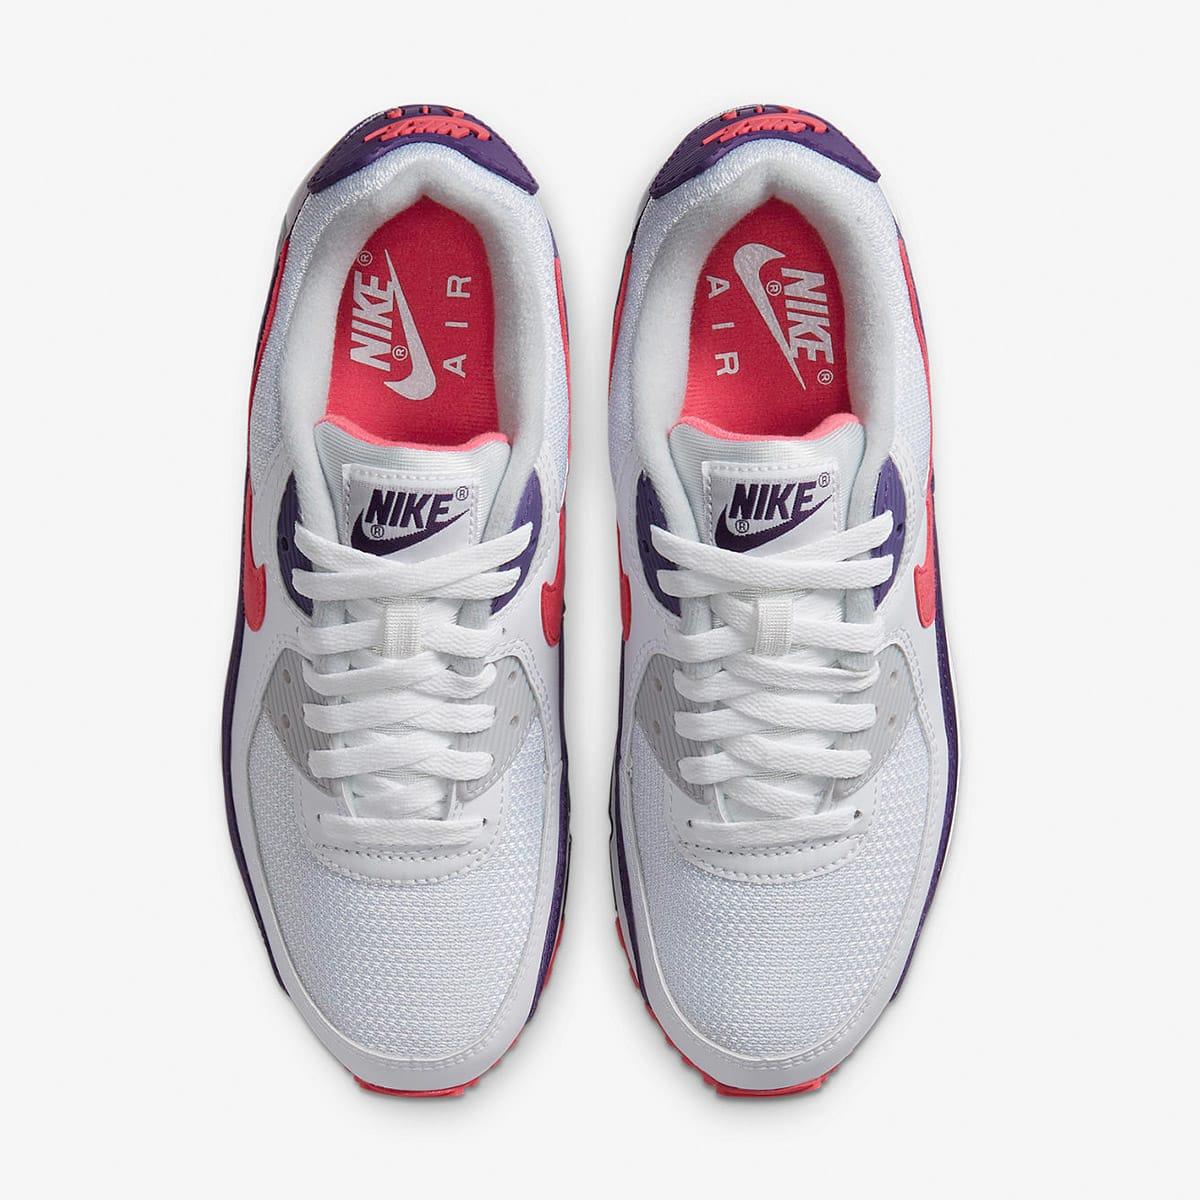 Nike Air Max III - CW1360-100